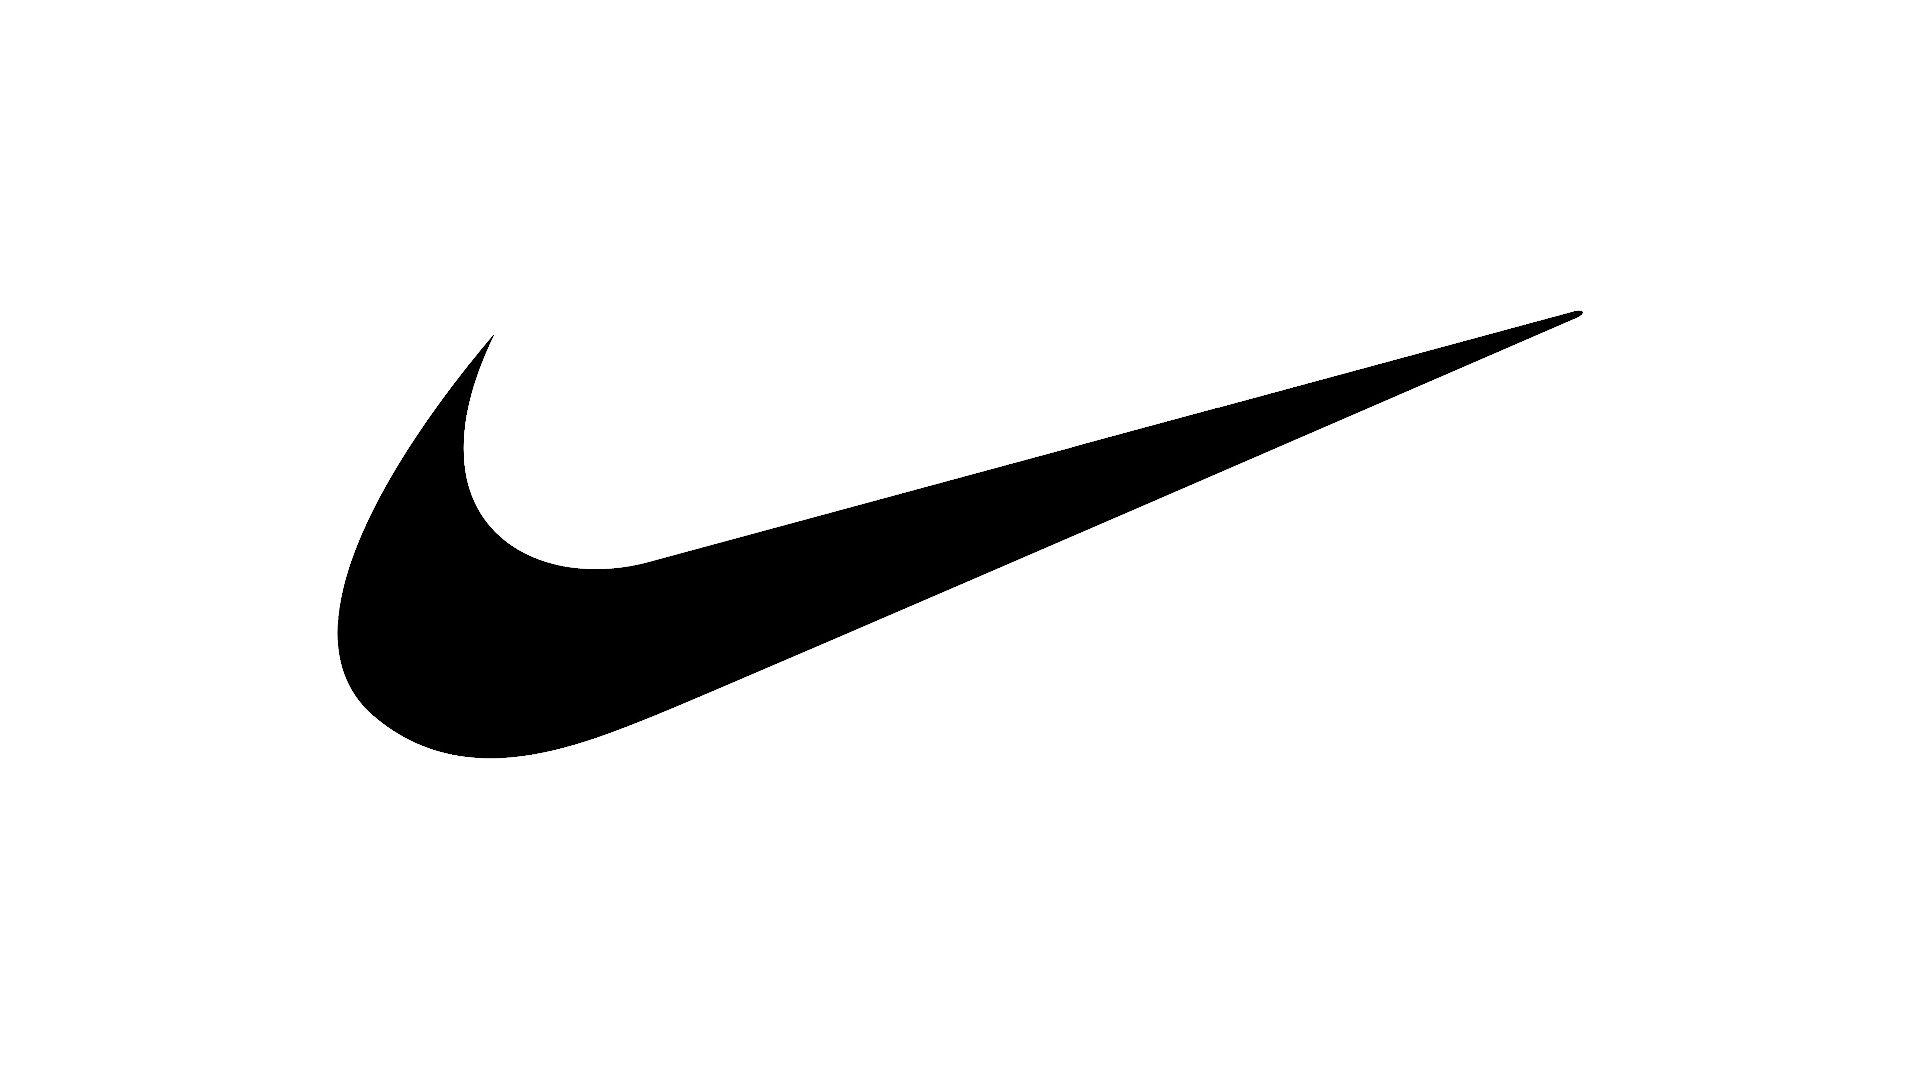 Logo nike wallpaper wallpapersafari - Black White Nike Wallpaper Hd 11860 Wallpaper High Resolution